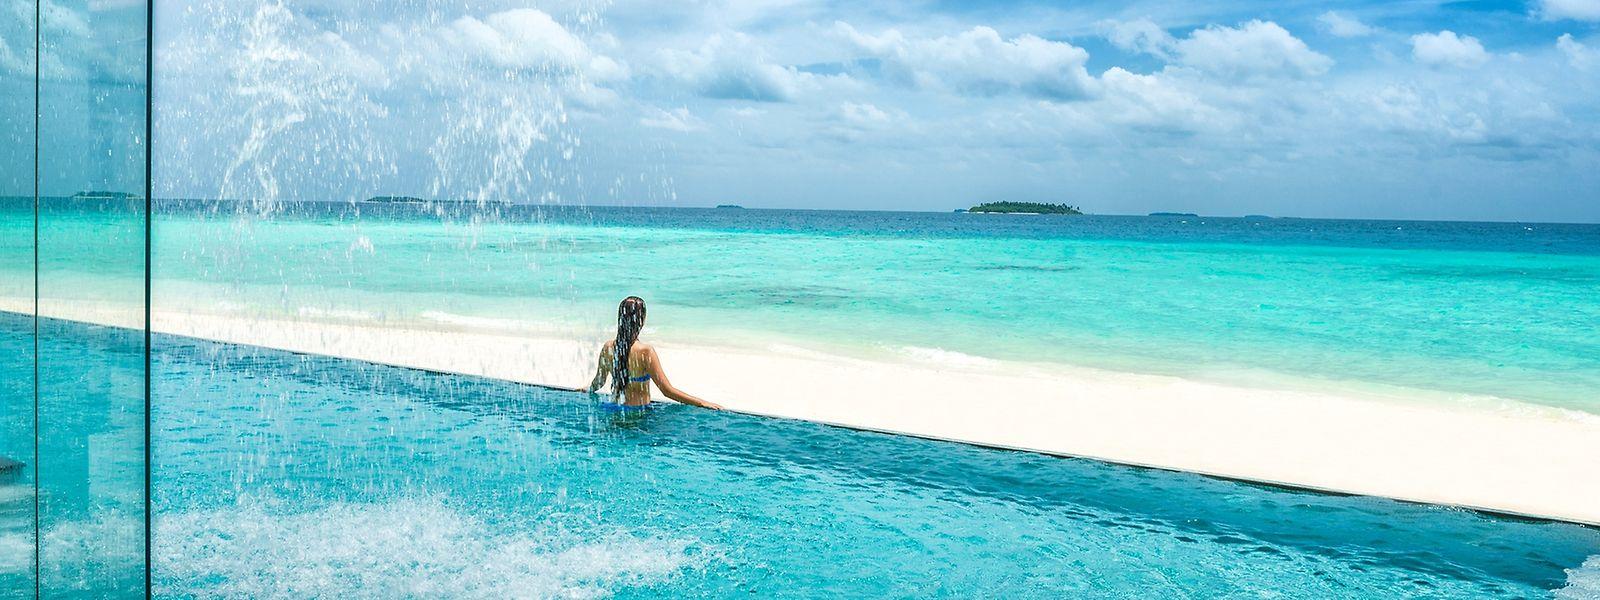 Vom Pool ins Meer: Ohne einen Infinity-Pool geht auf den Malediven kaum mehr etwas.